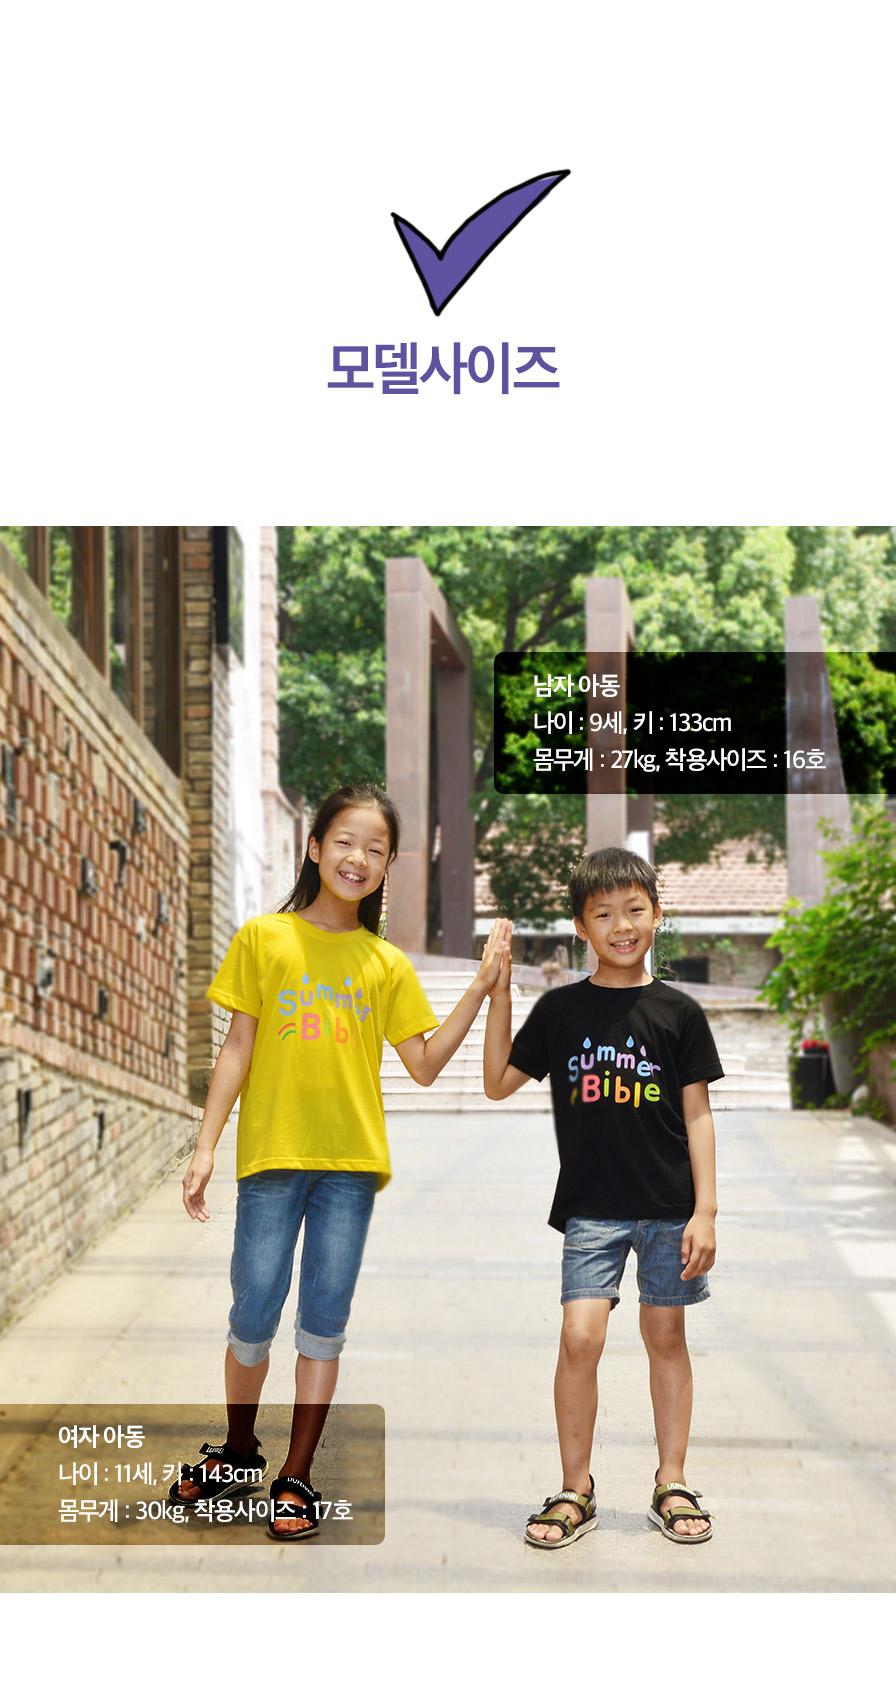 단체티셔츠 Summer Bible 썸머바이블 아동용 모델사이즈